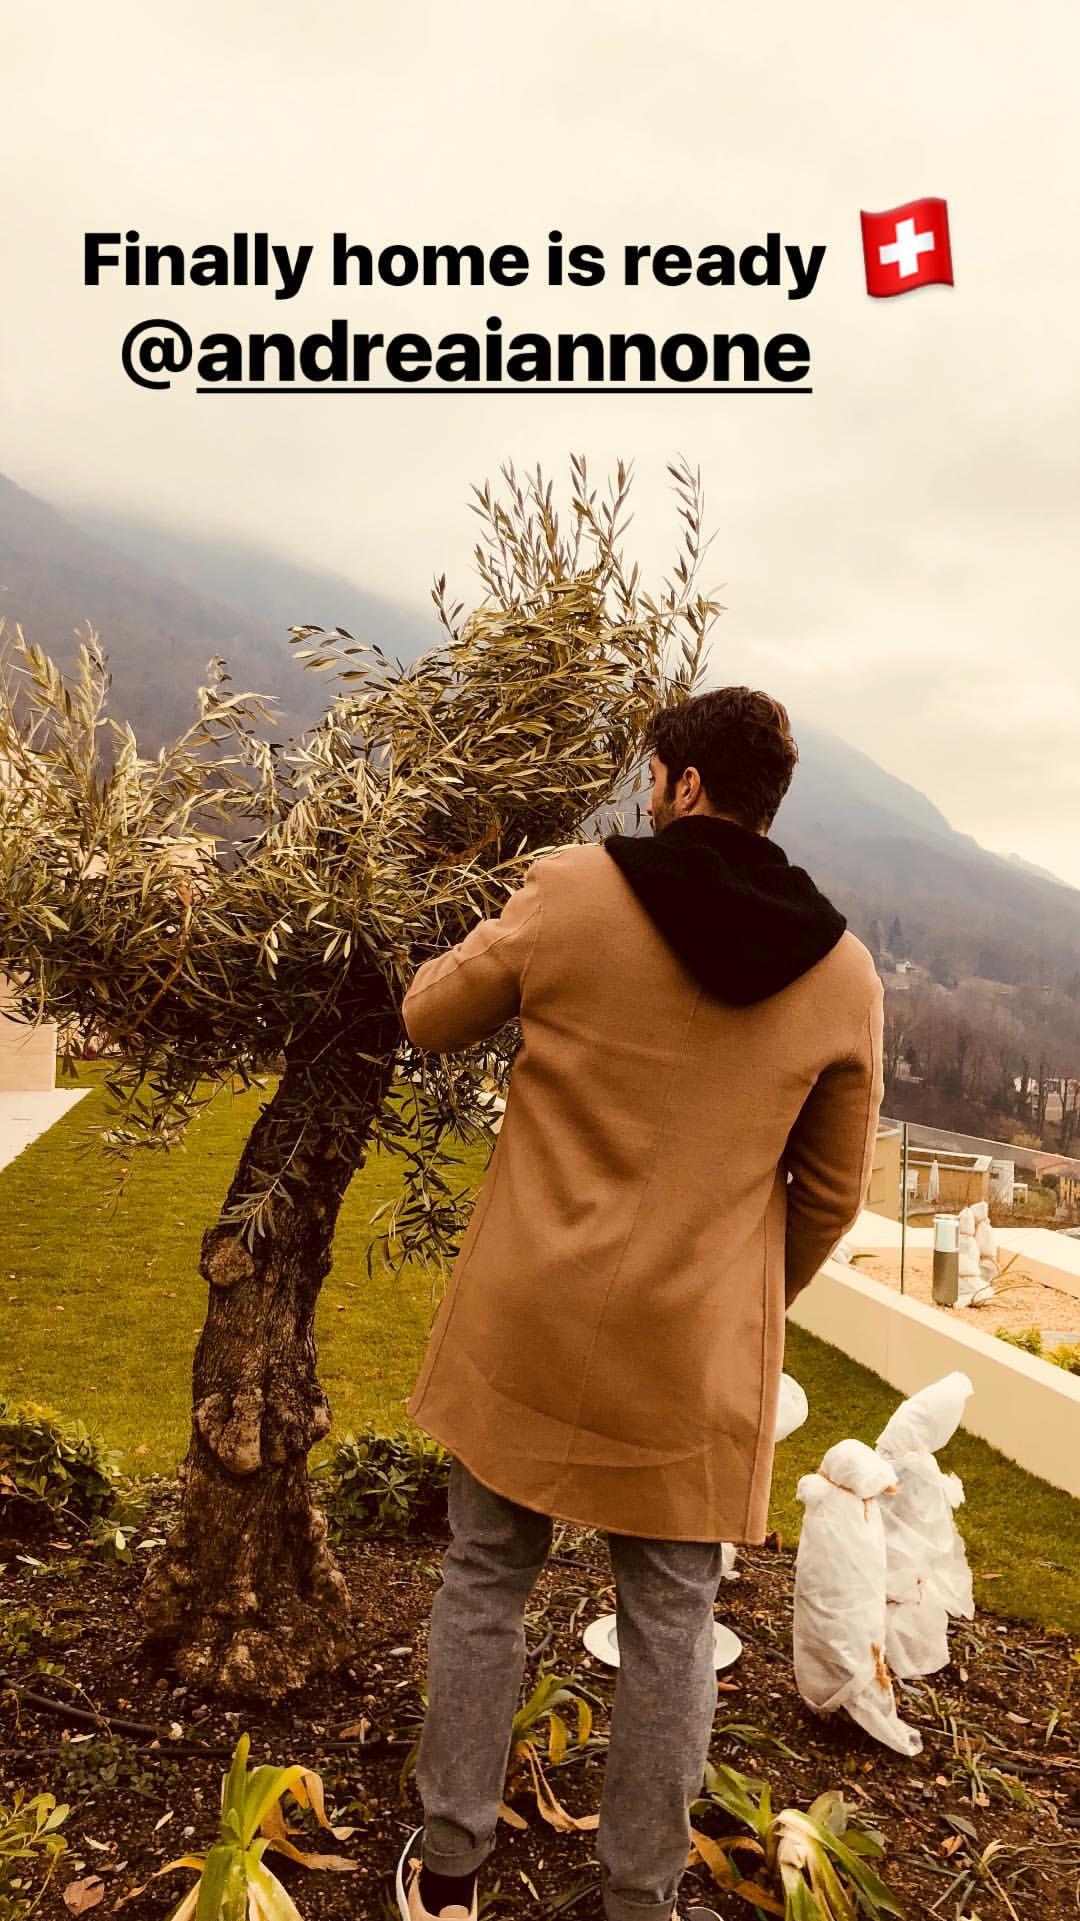 Iannone e Belen: pronto il nido d'amore in Svizzera. Intanto lei allena il Lato B